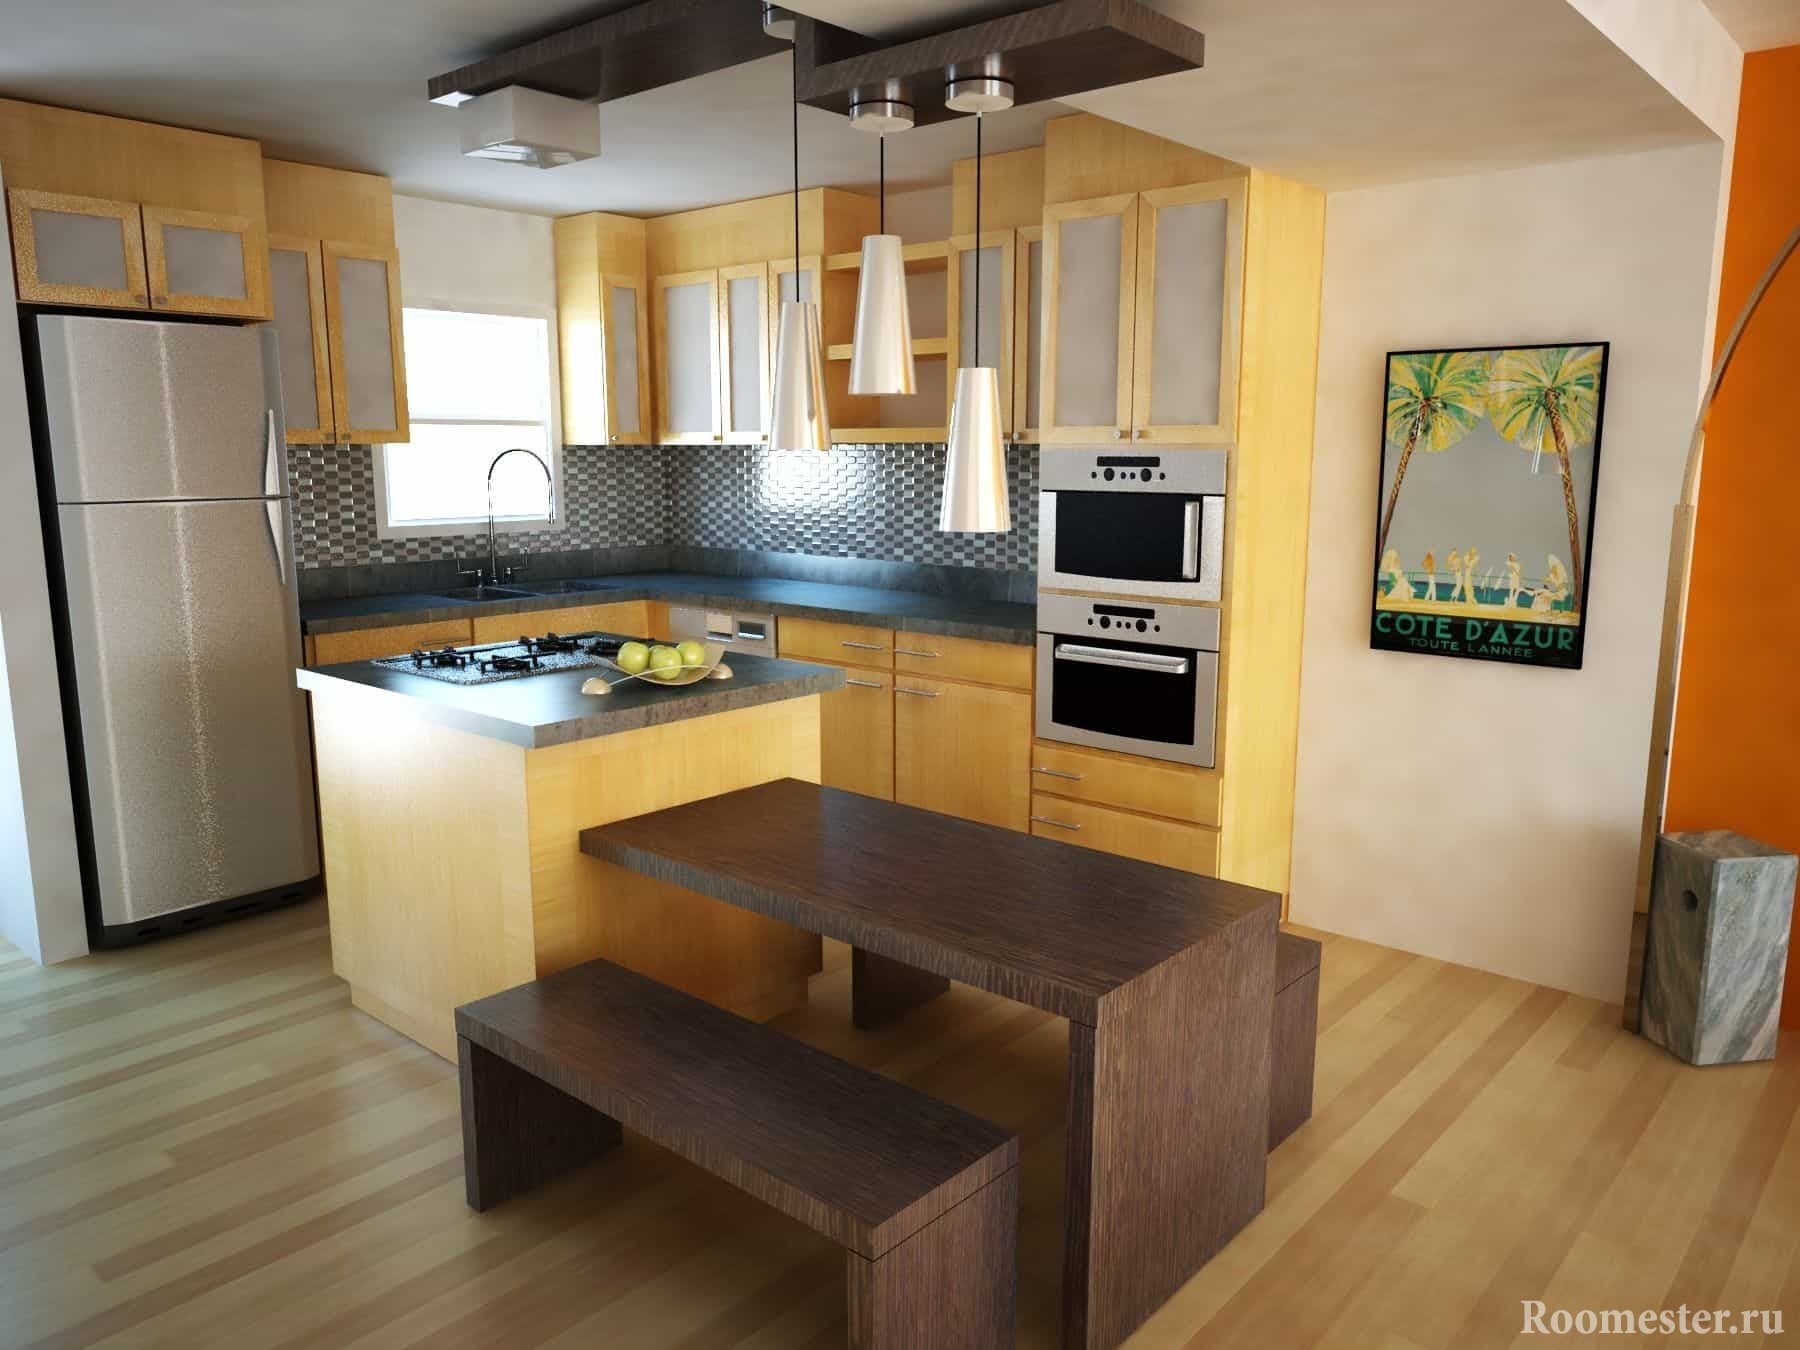 Дизайн большой кухни - идеи и примеры интерьера на фото